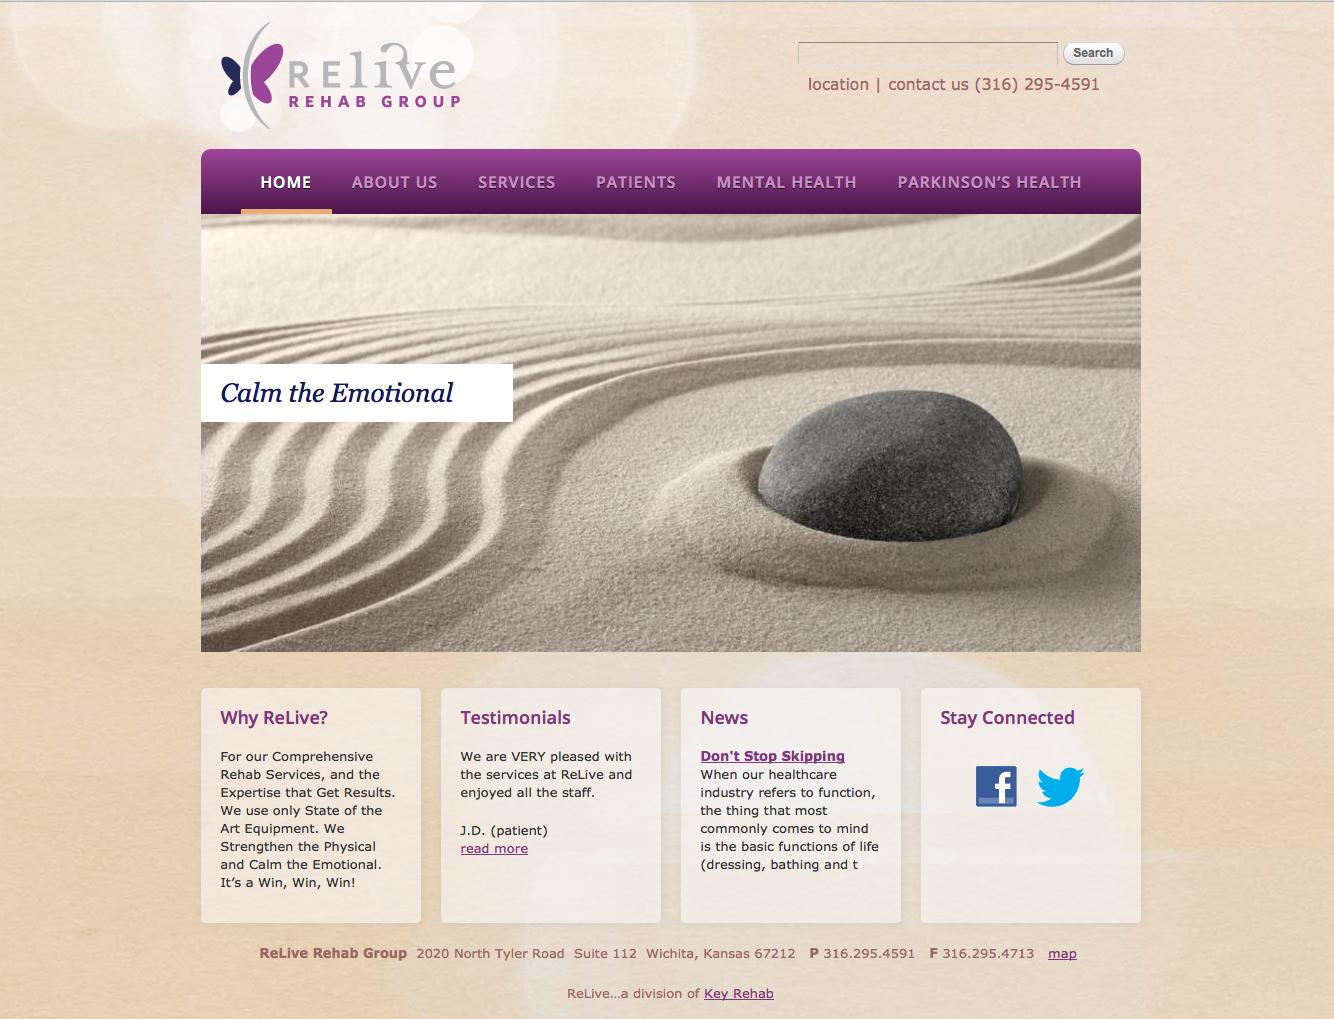 Relive Rehab Group | evanschmidt design